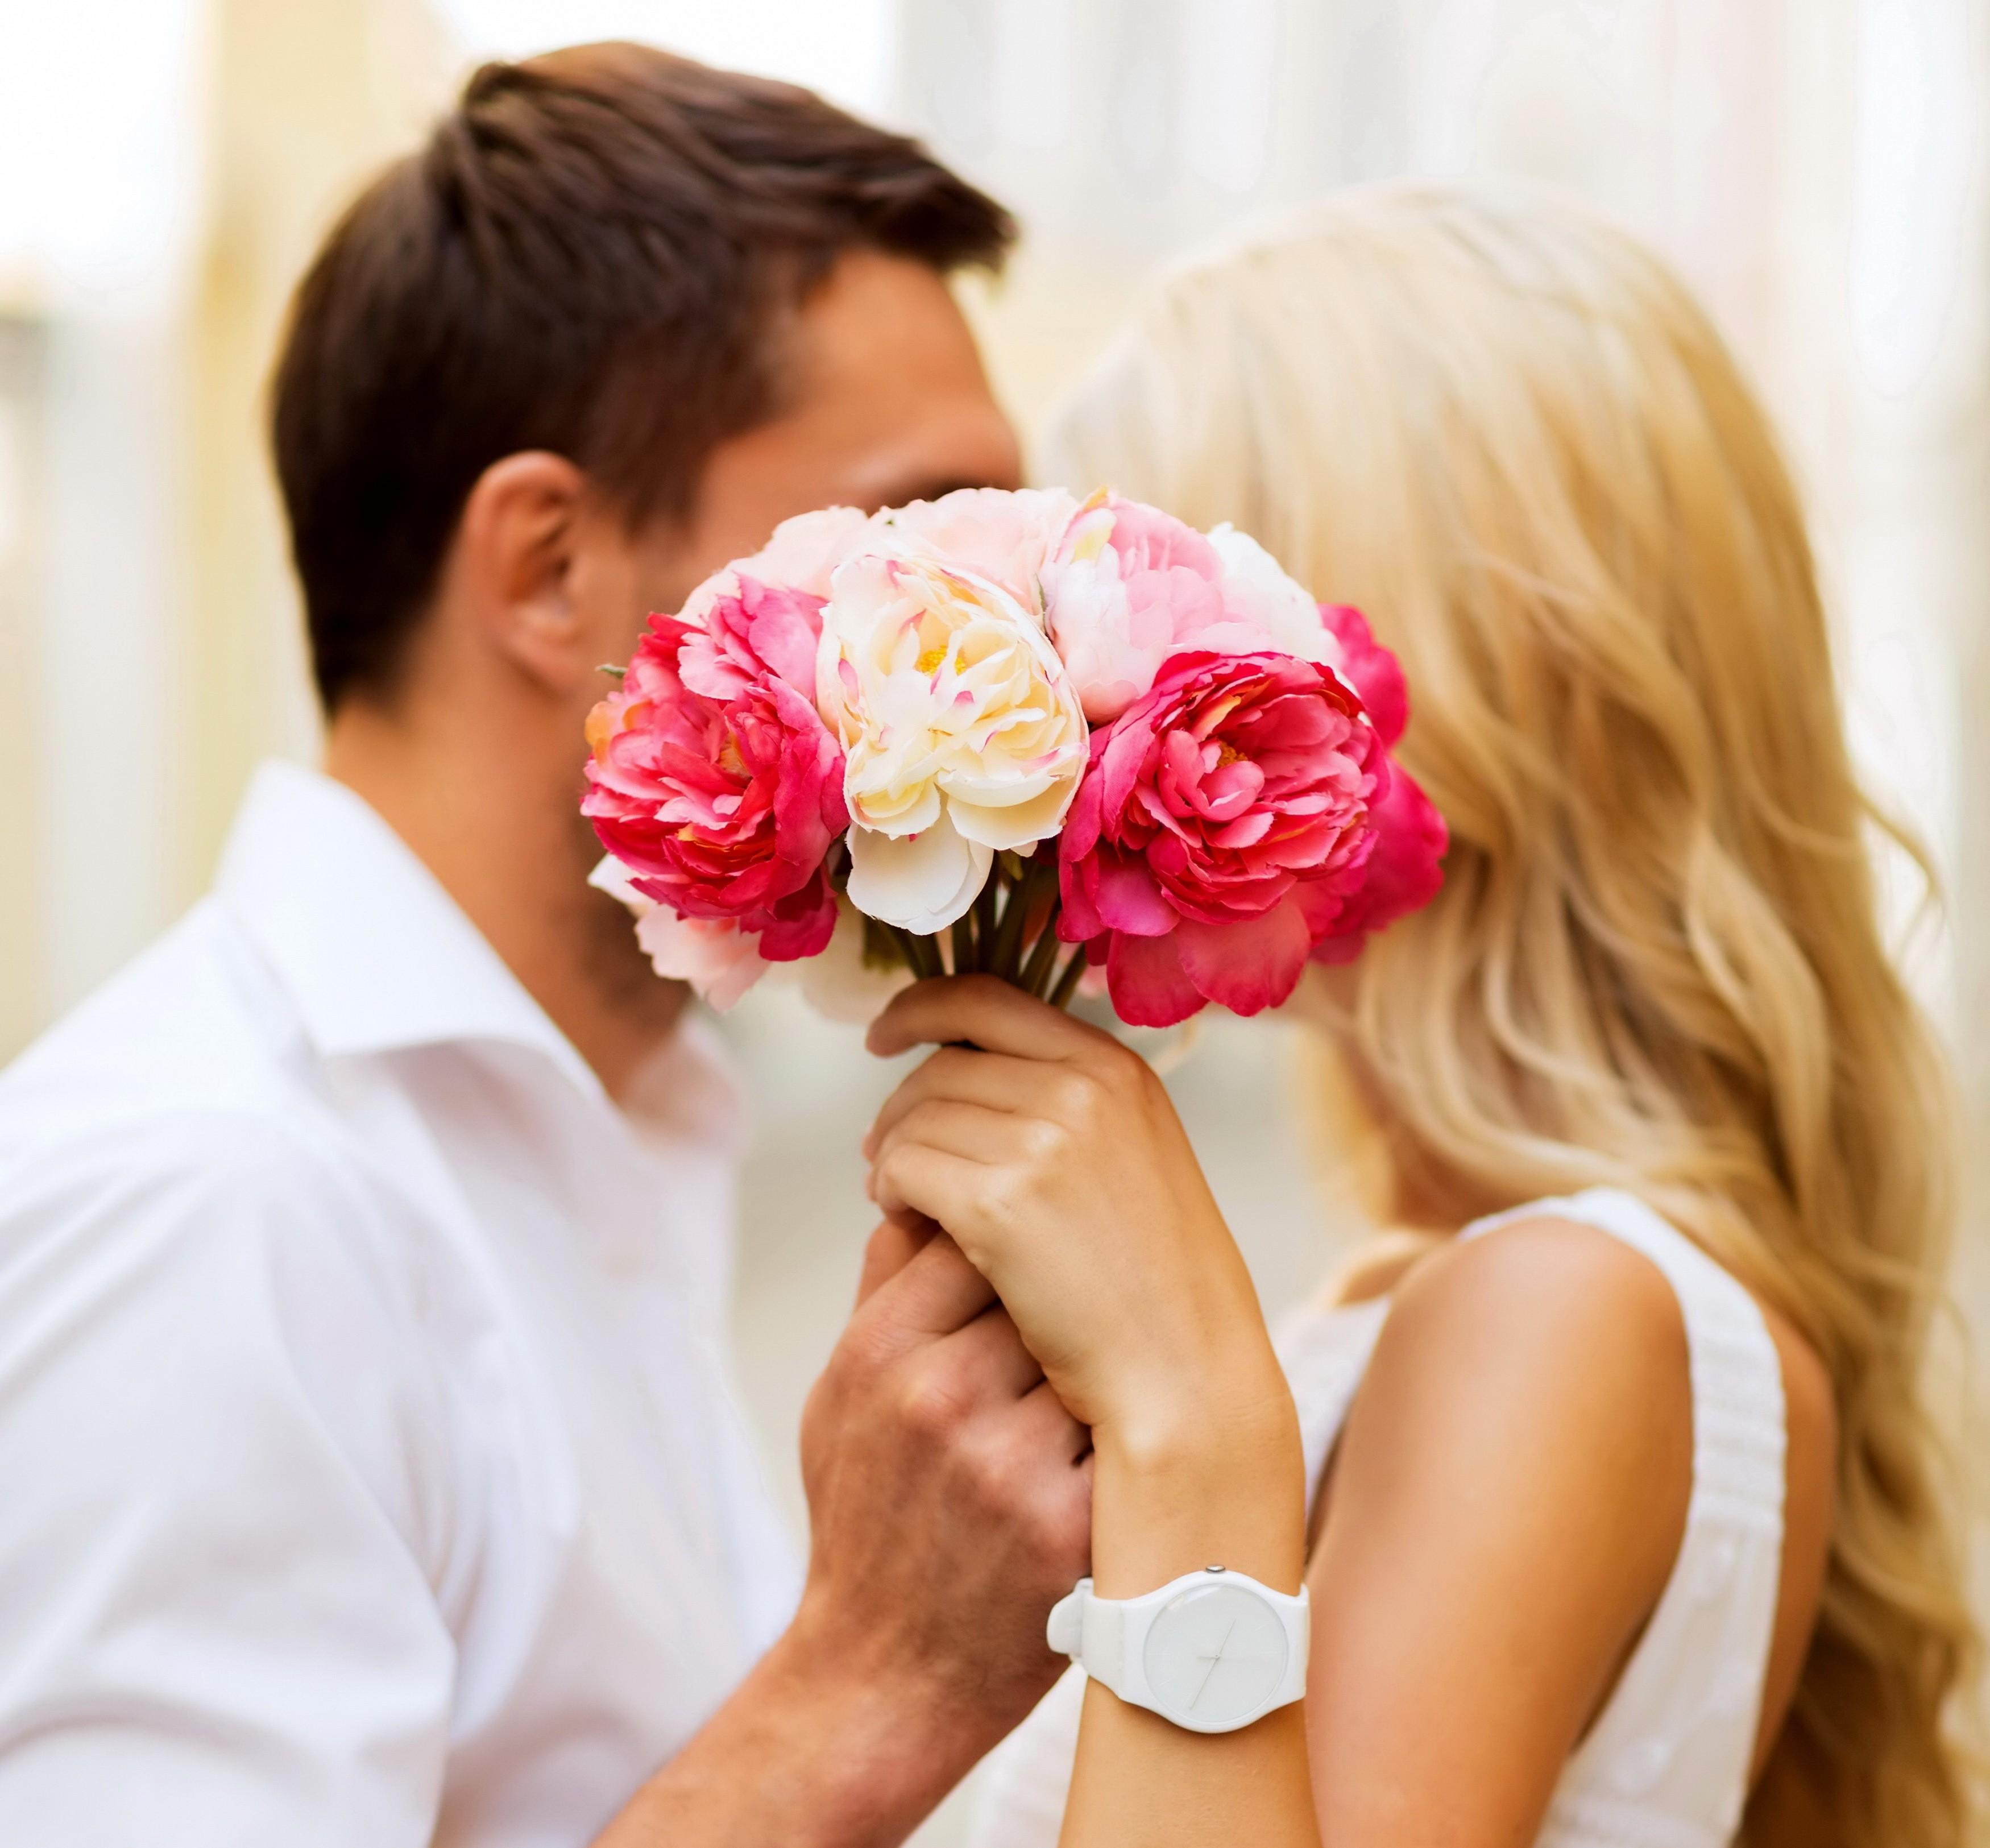 Картинка парень и девушка с розой